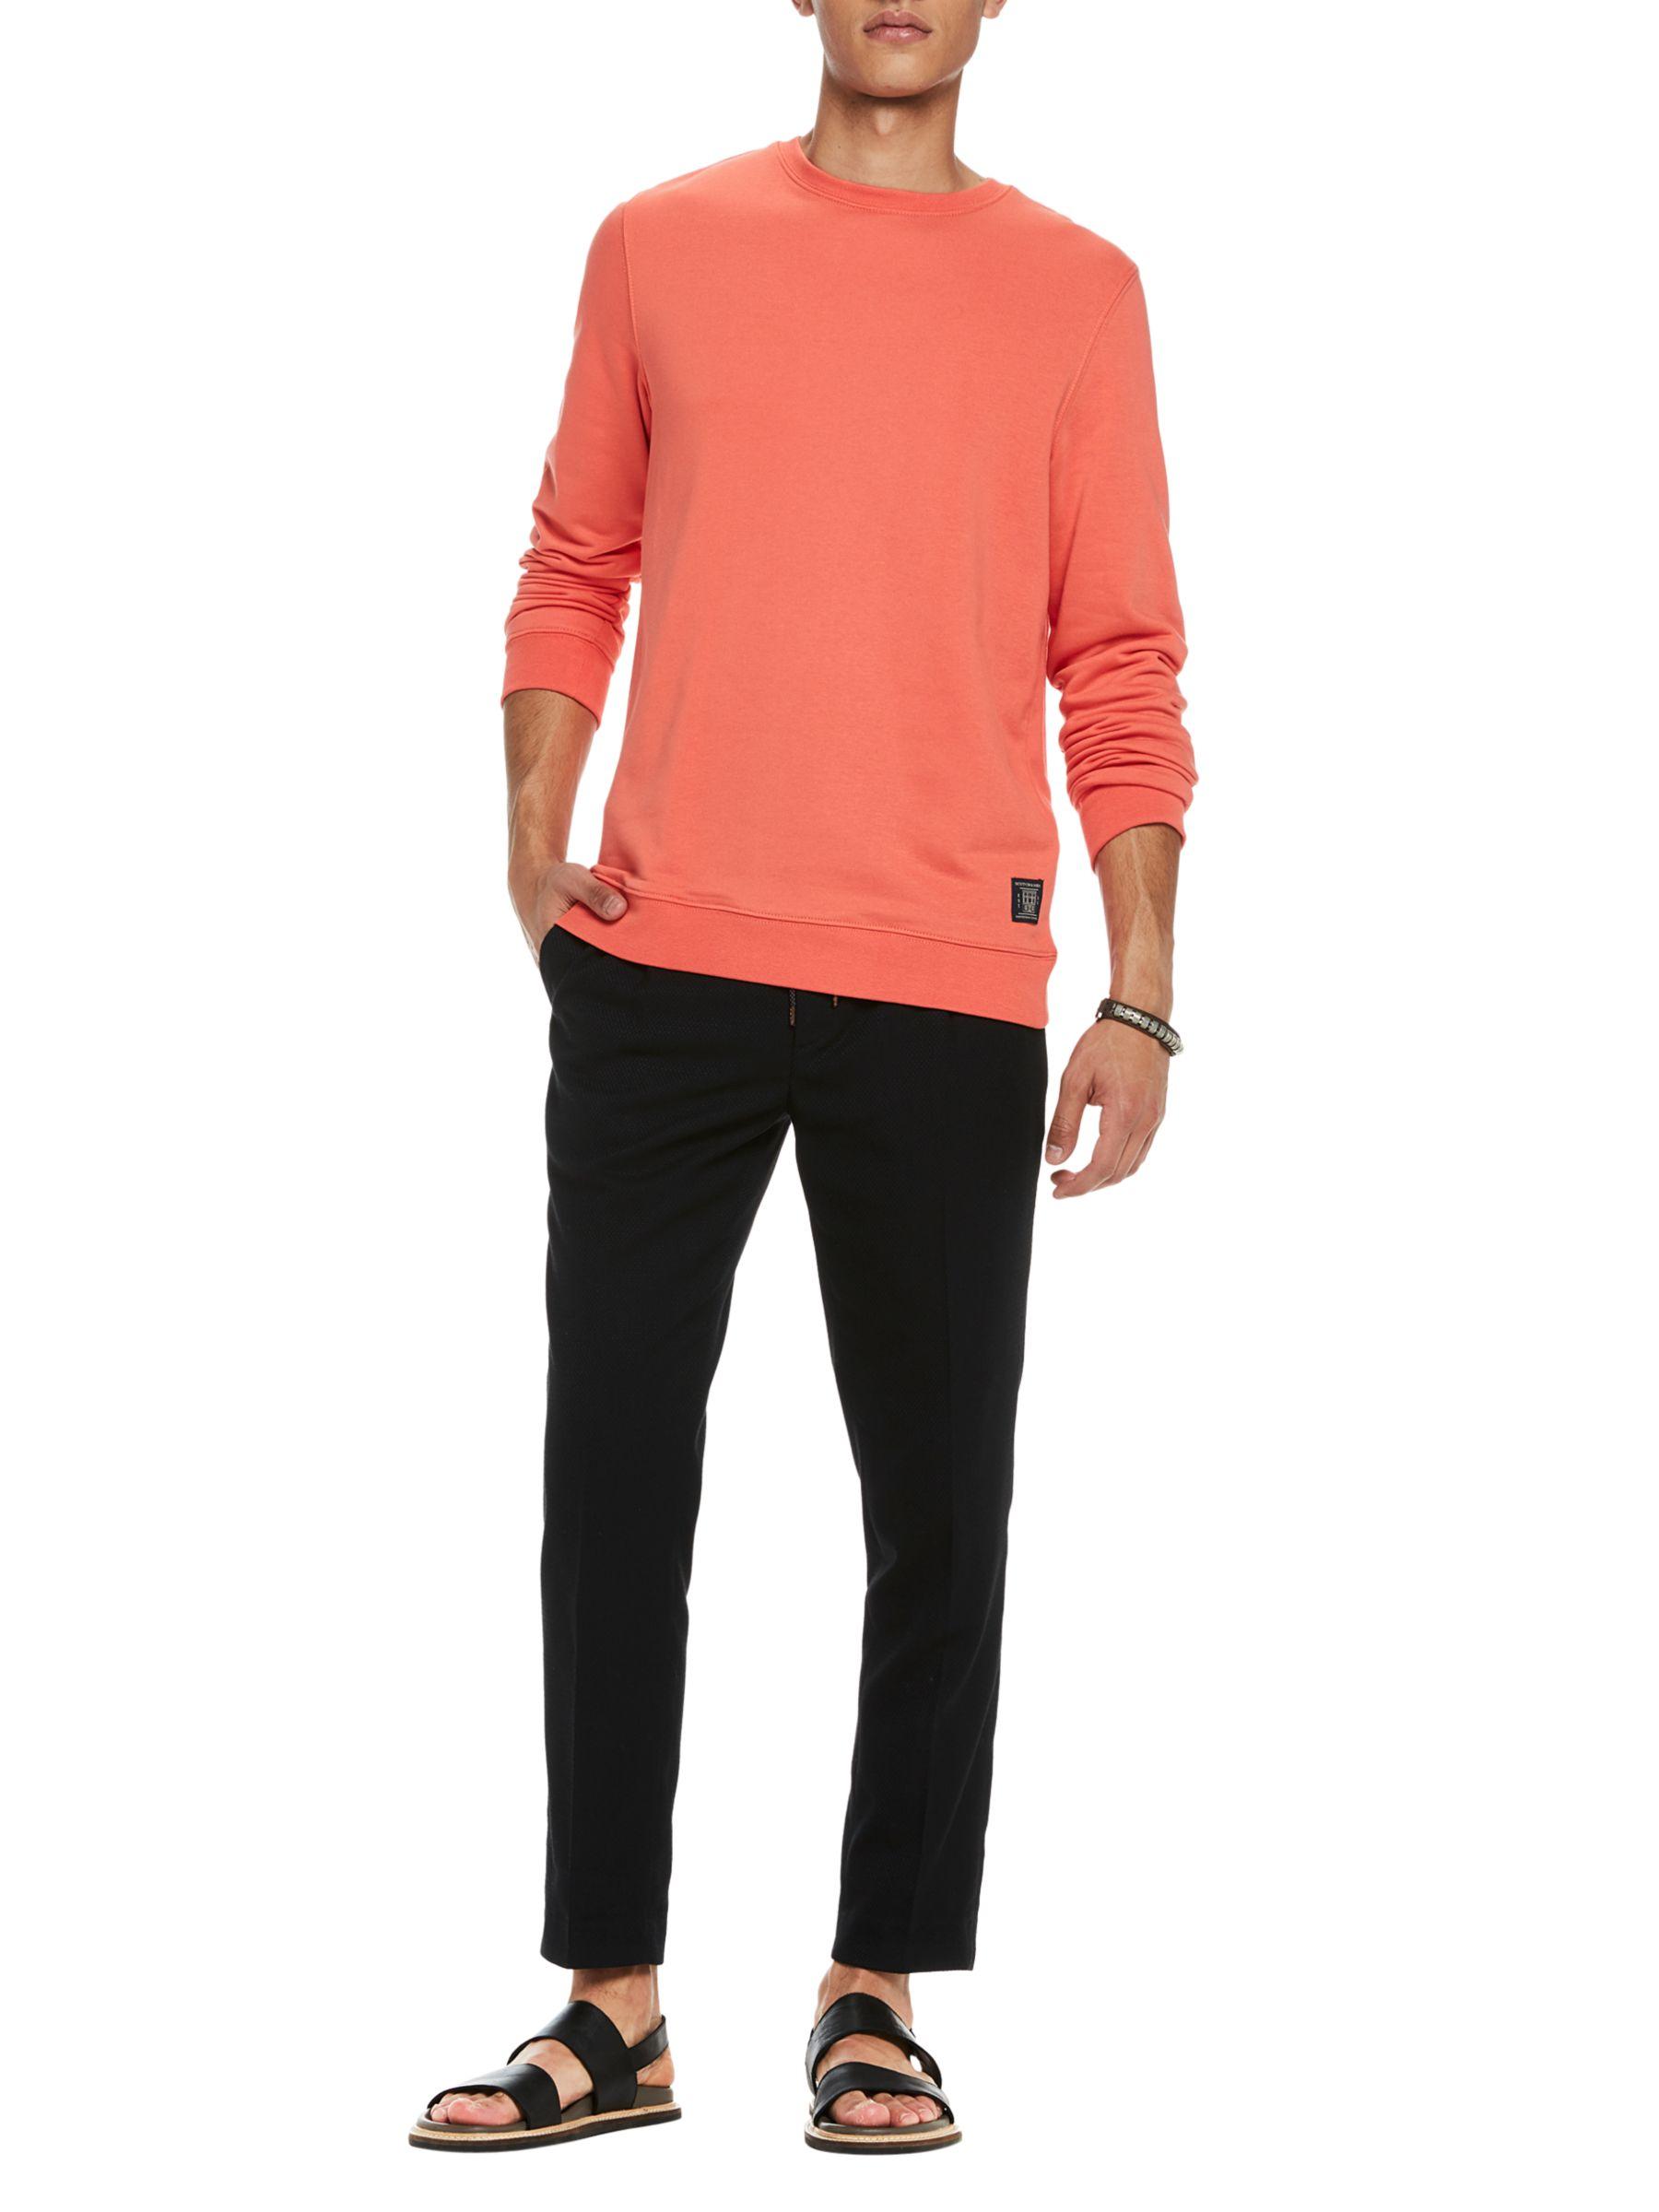 Scotch & Soda Scotch & Soda Crew Neck Sweatshirt, Tangerine